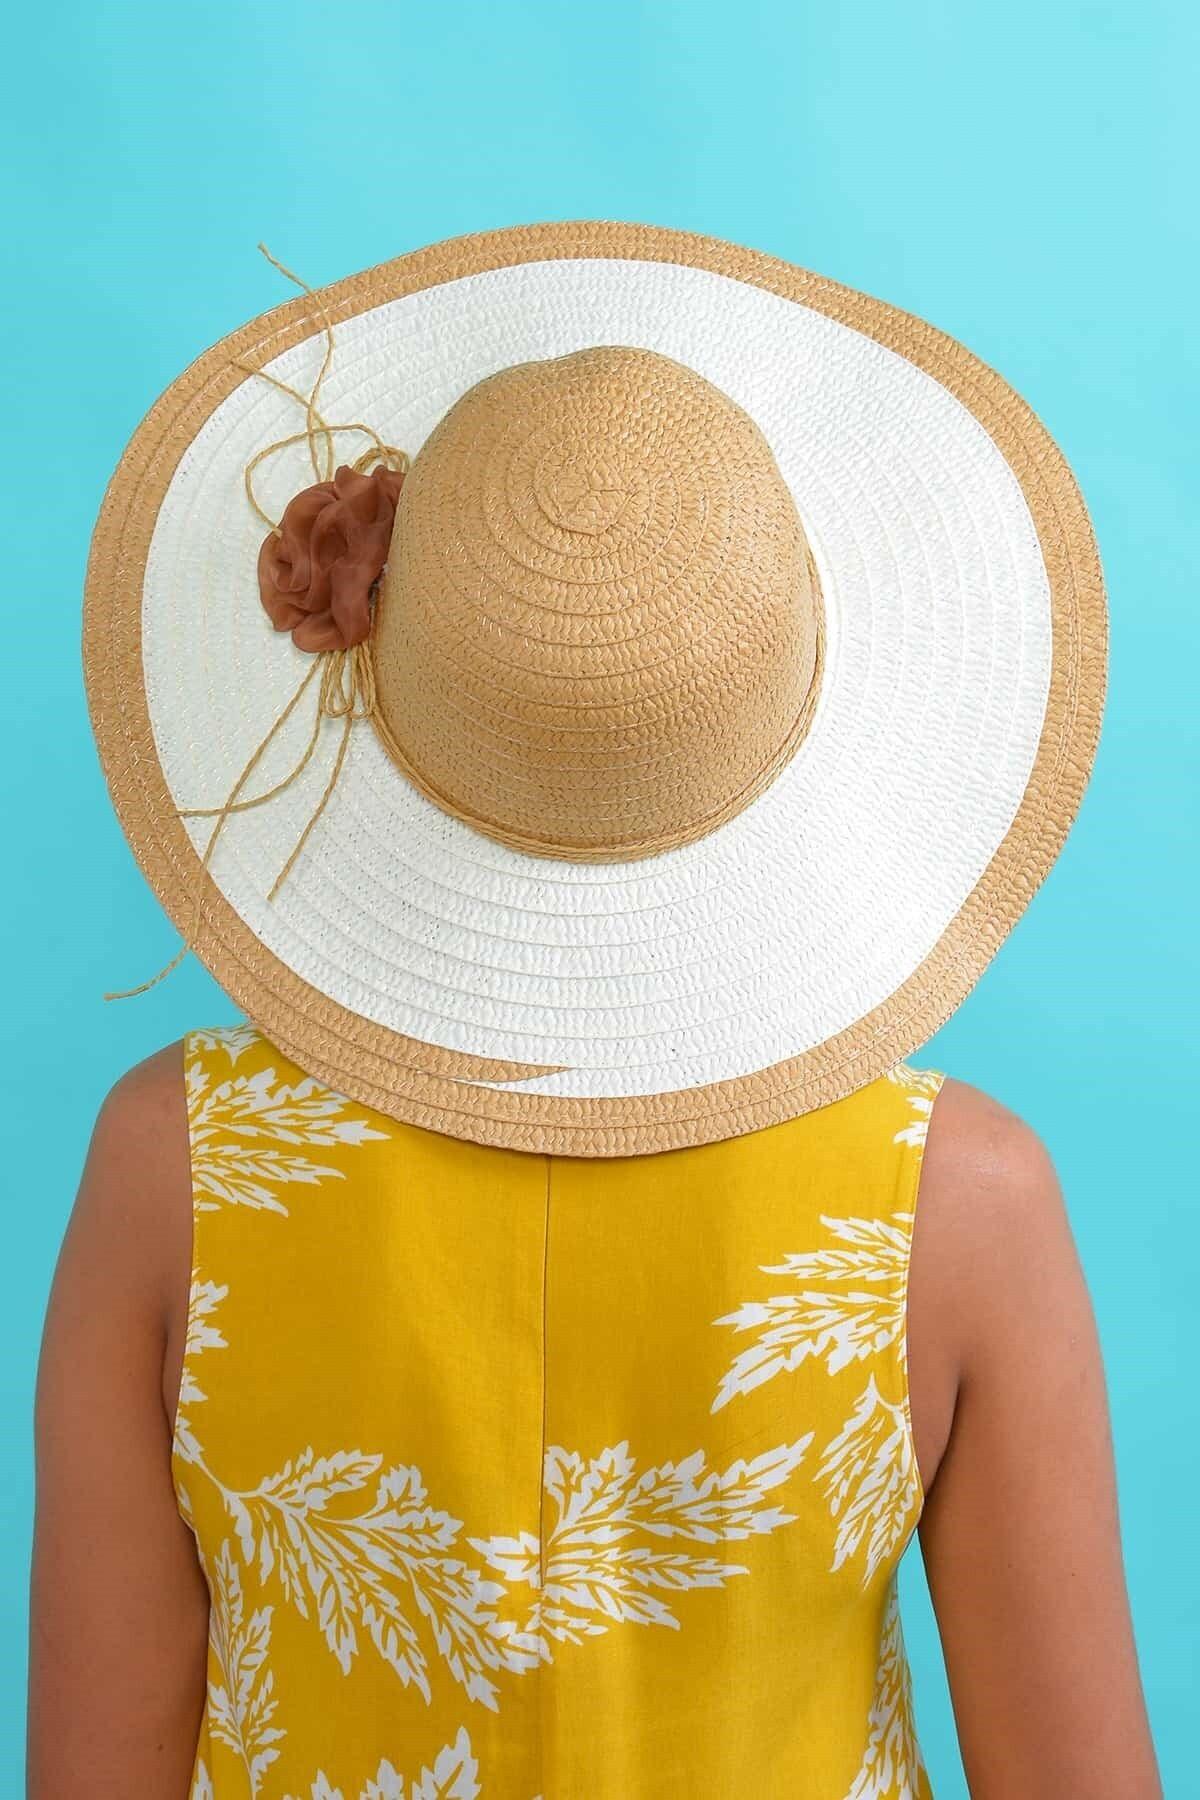 Mossta Kadın Bej Çiçekli Hasır Şapka 2